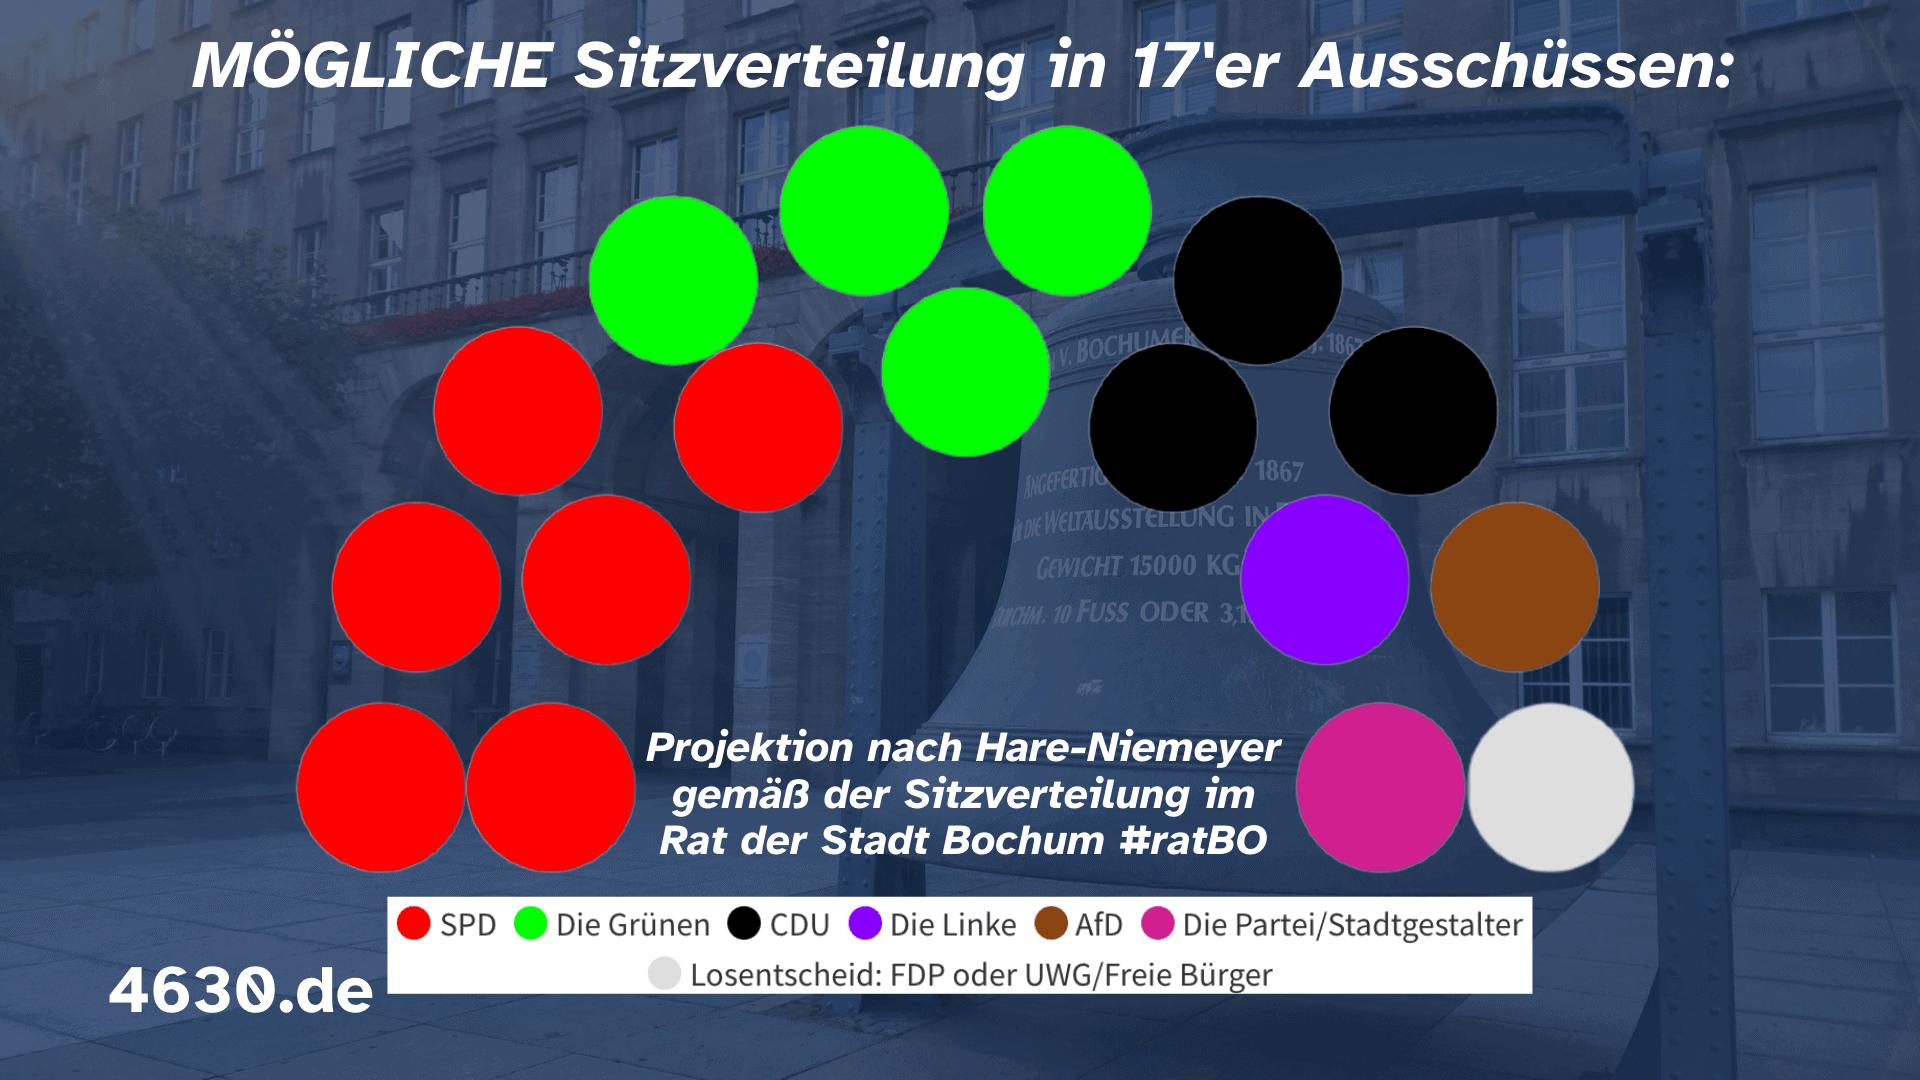 Mögliche Sitzverteilung in den Bochumer Ausschüssen (mit 17 Personen) - gewählt nach den Fraktionsstärken im Rat der Stadt Bochum #ratBO